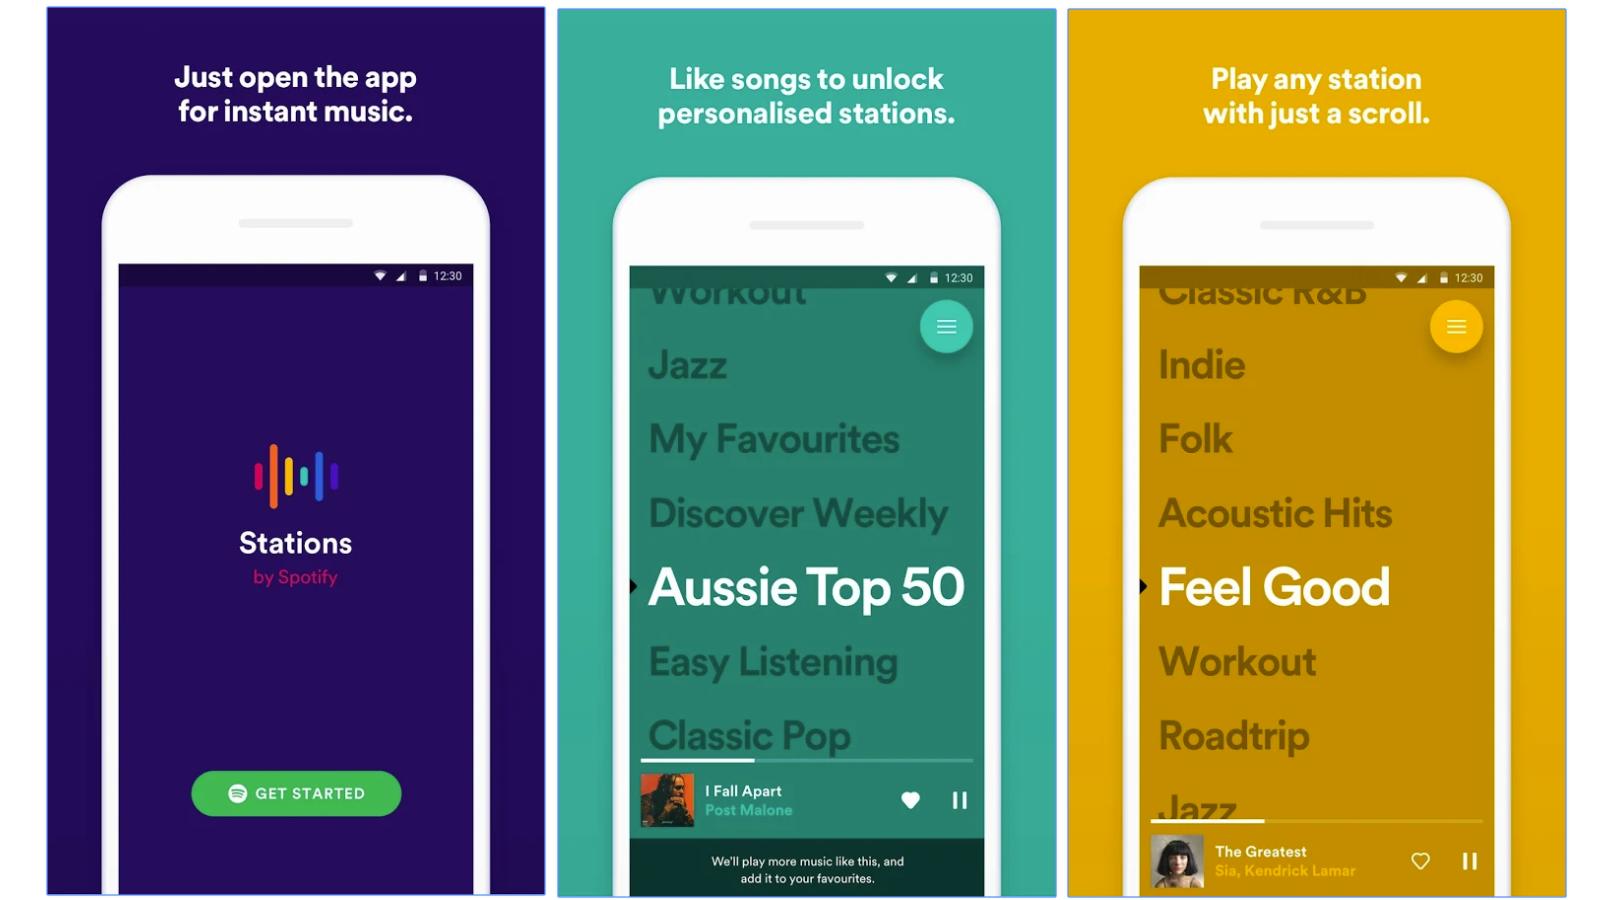 Spotify har sluppet ny app som gjør musikklytting ekstra enkel